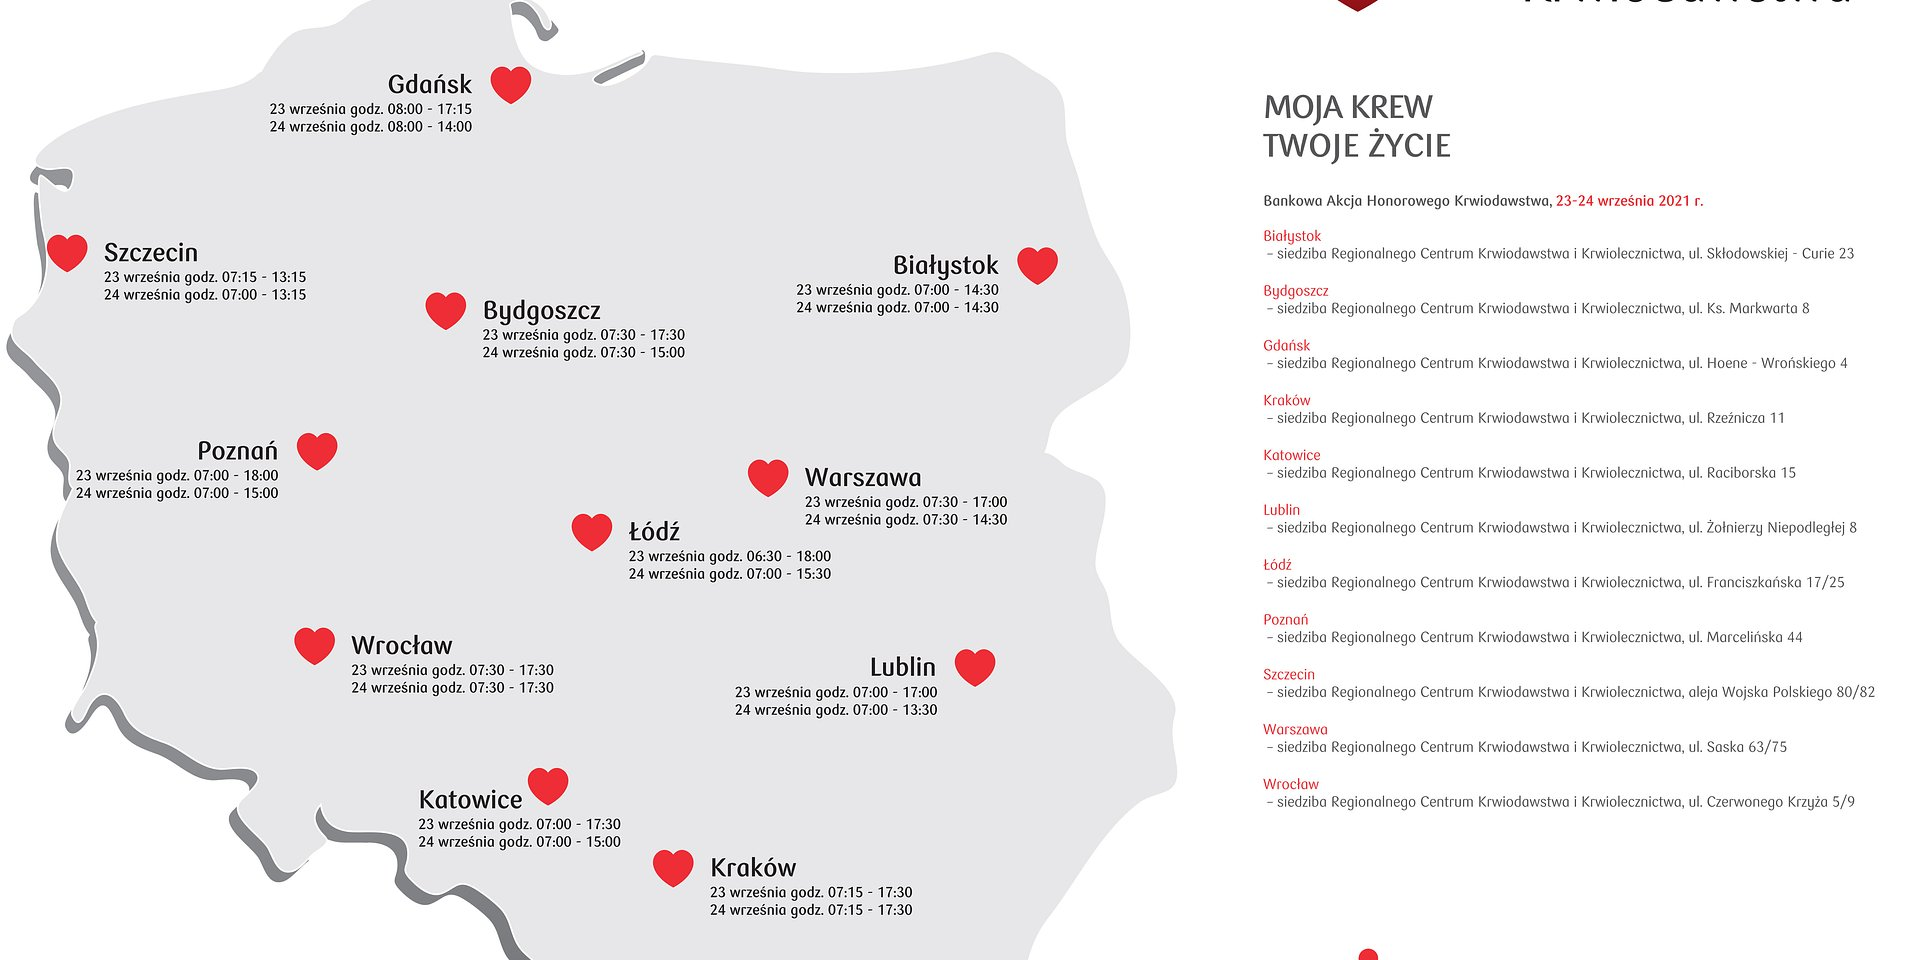 Jesienna Bankowa Akcja Honorowego Krwiodawstwa w Warszawie – 23 i 24 września.